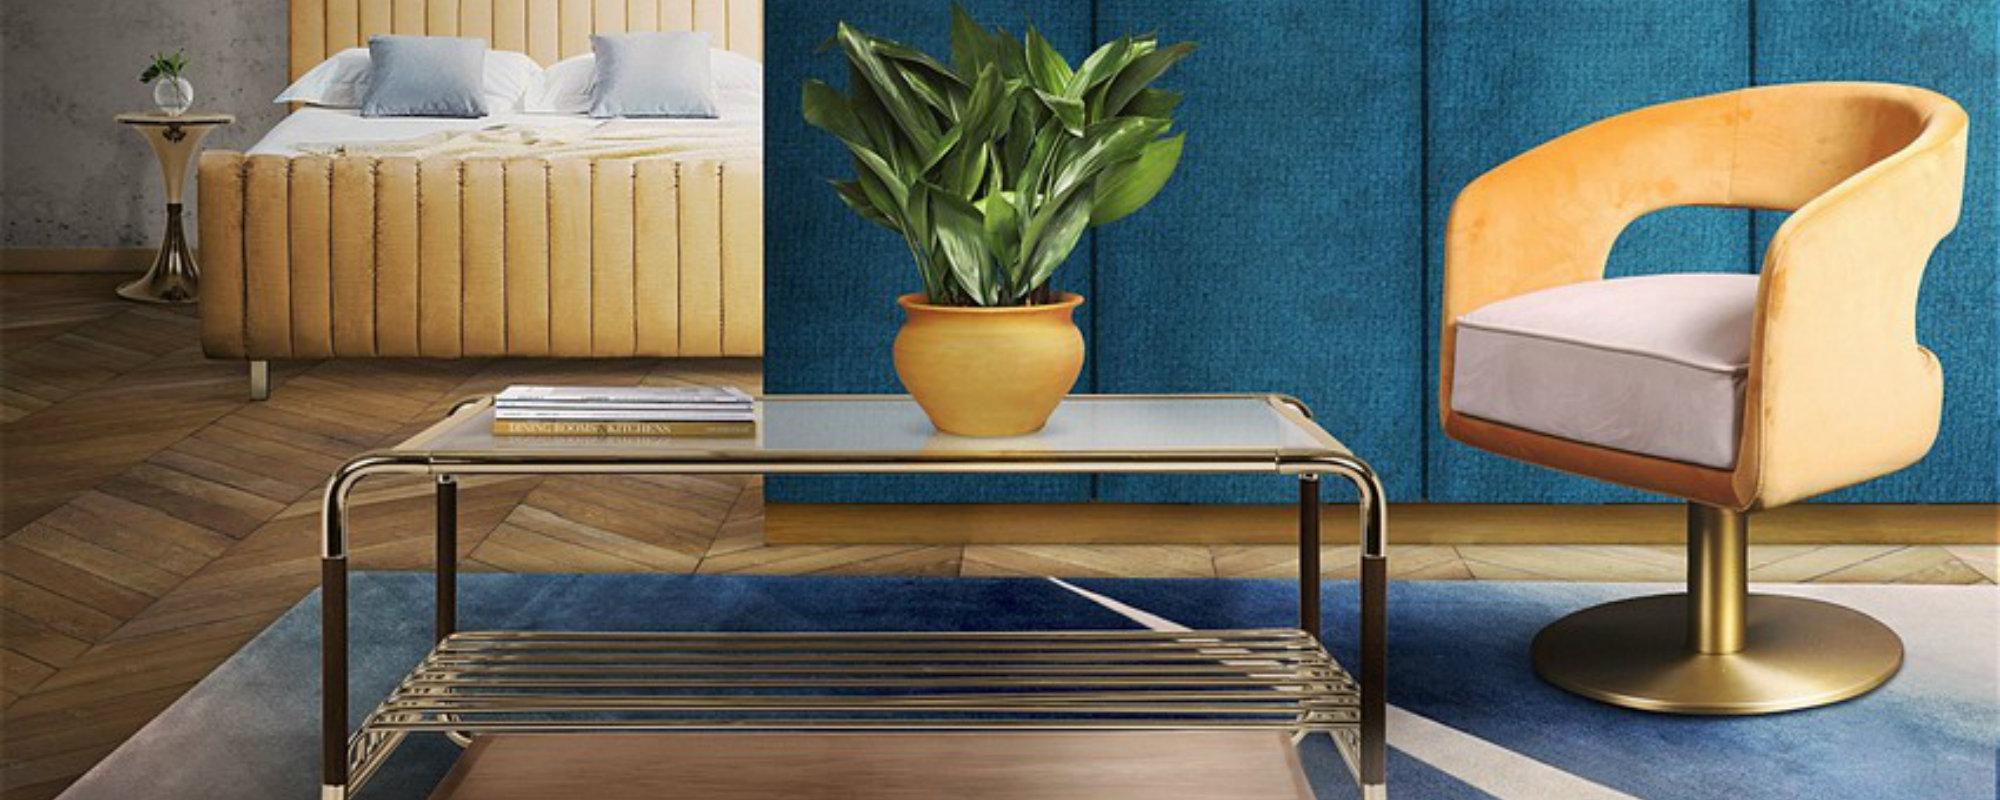 Mesas de Centro para un proyecto y ambiente lujuoso y elegante mesas de centro Mesas de Centro para un proyecto y ambiente lujuoso y elegante Featured 5